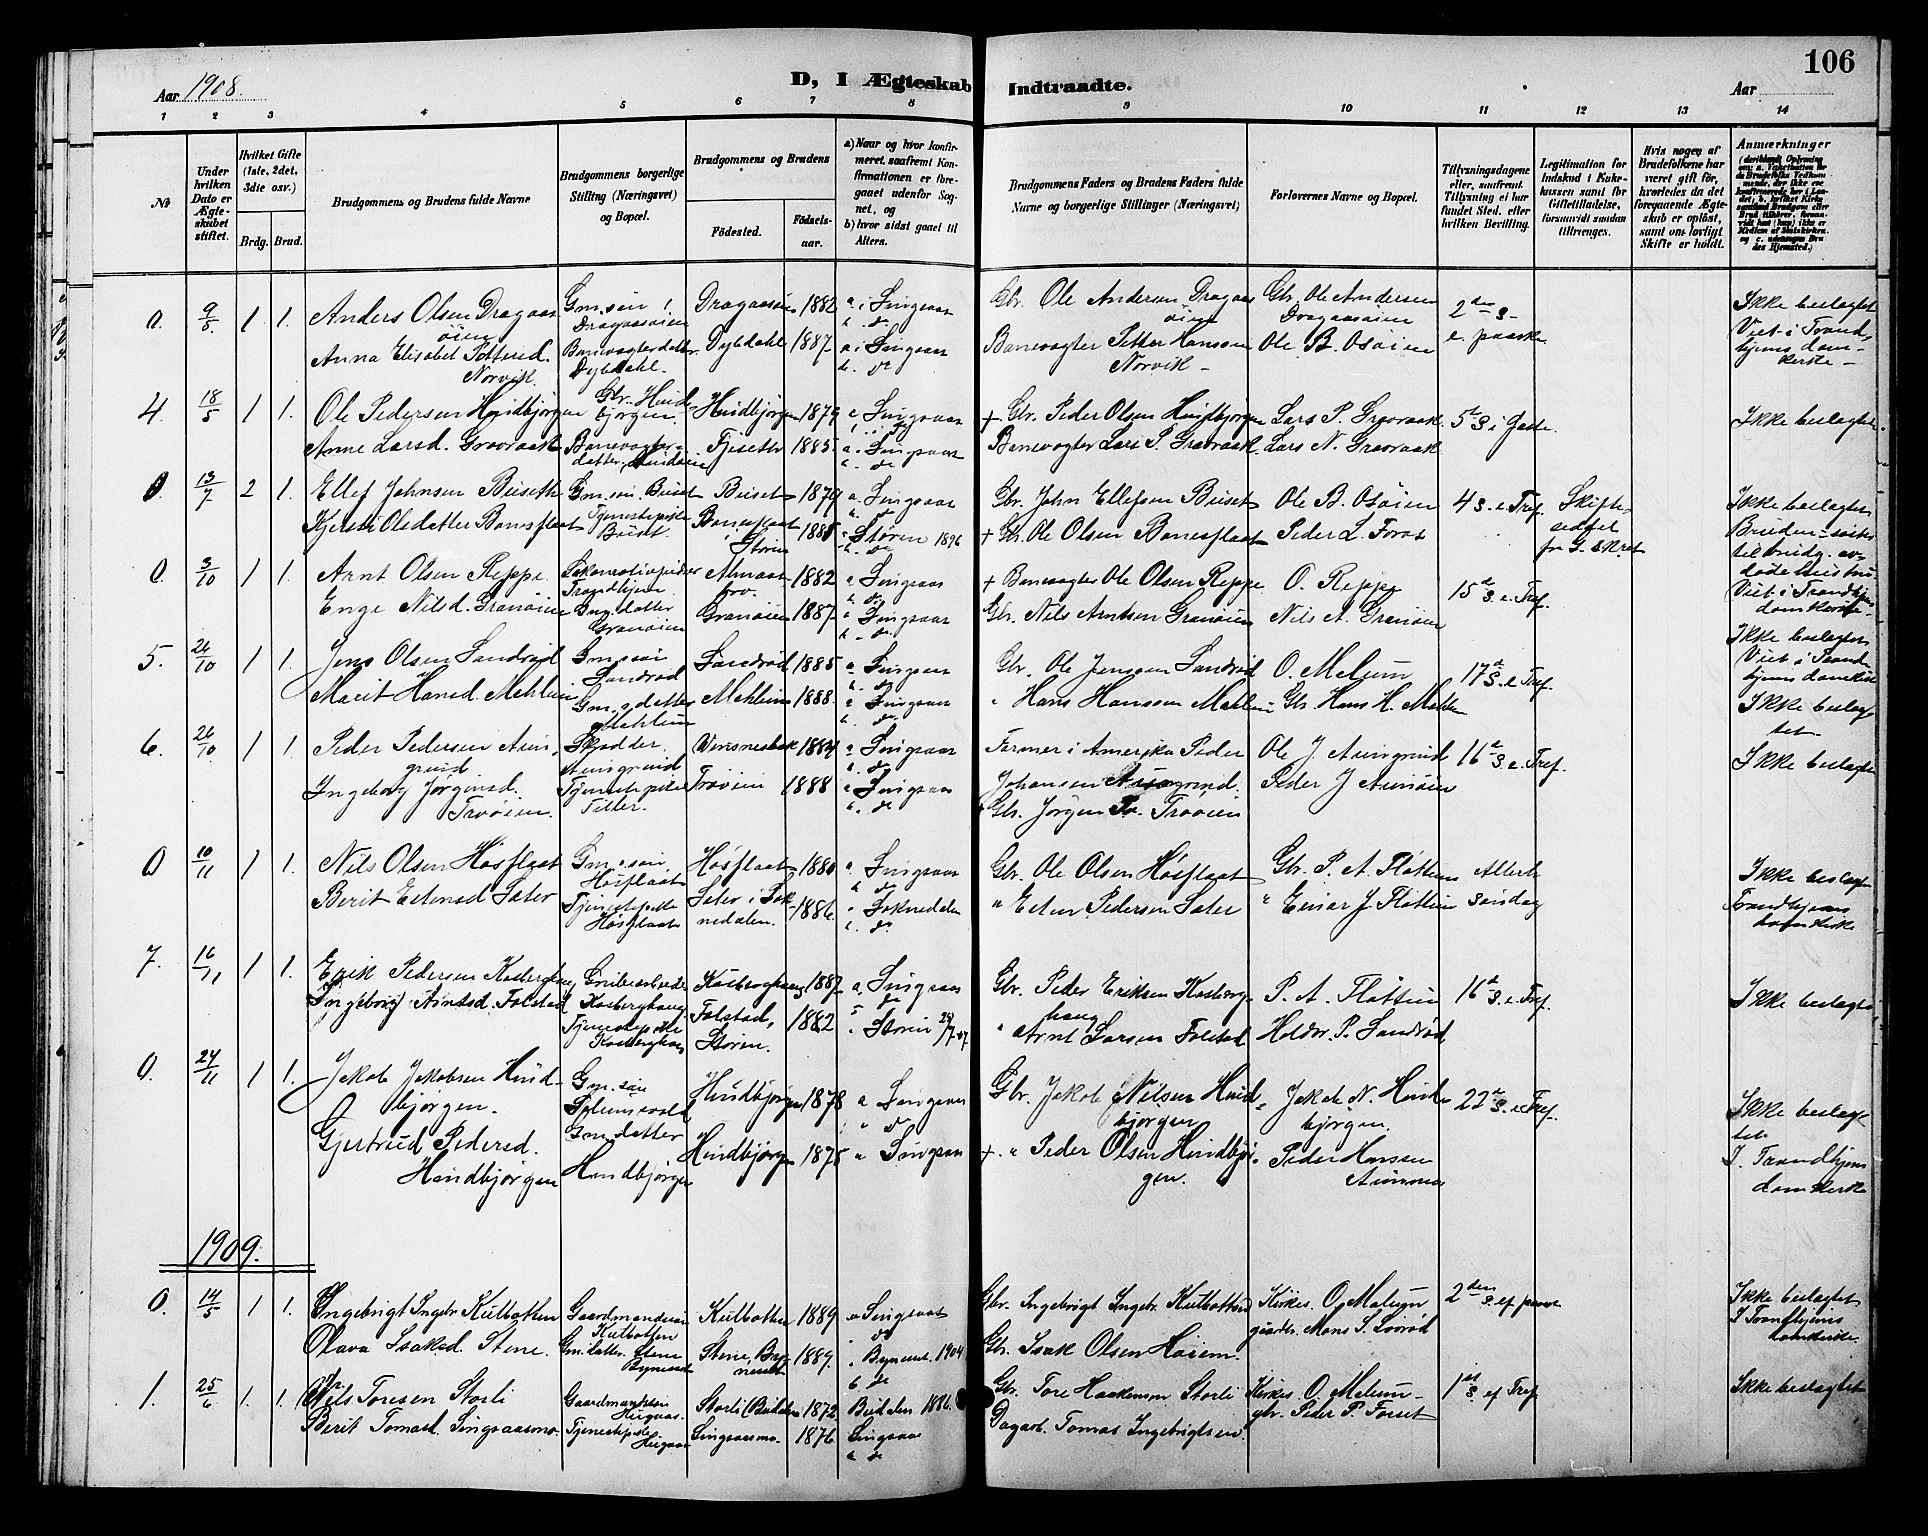 SAT, Ministerialprotokoller, klokkerbøker og fødselsregistre - Sør-Trøndelag, 688/L1029: Klokkerbok nr. 688C04, 1899-1915, s. 106